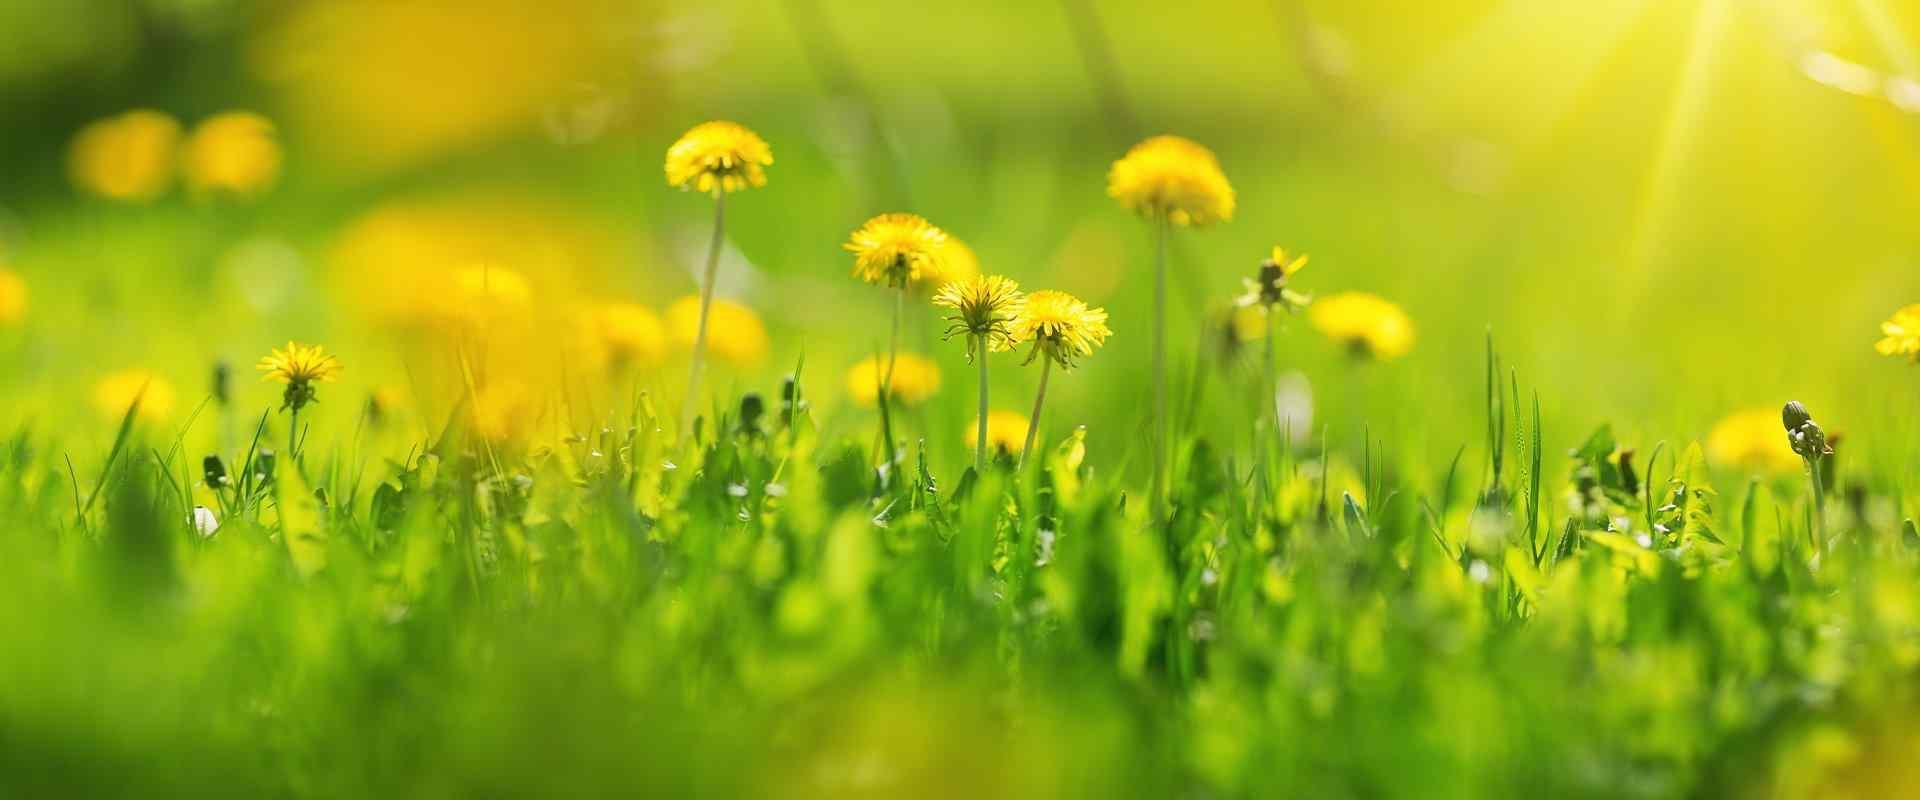 dandilions in a field